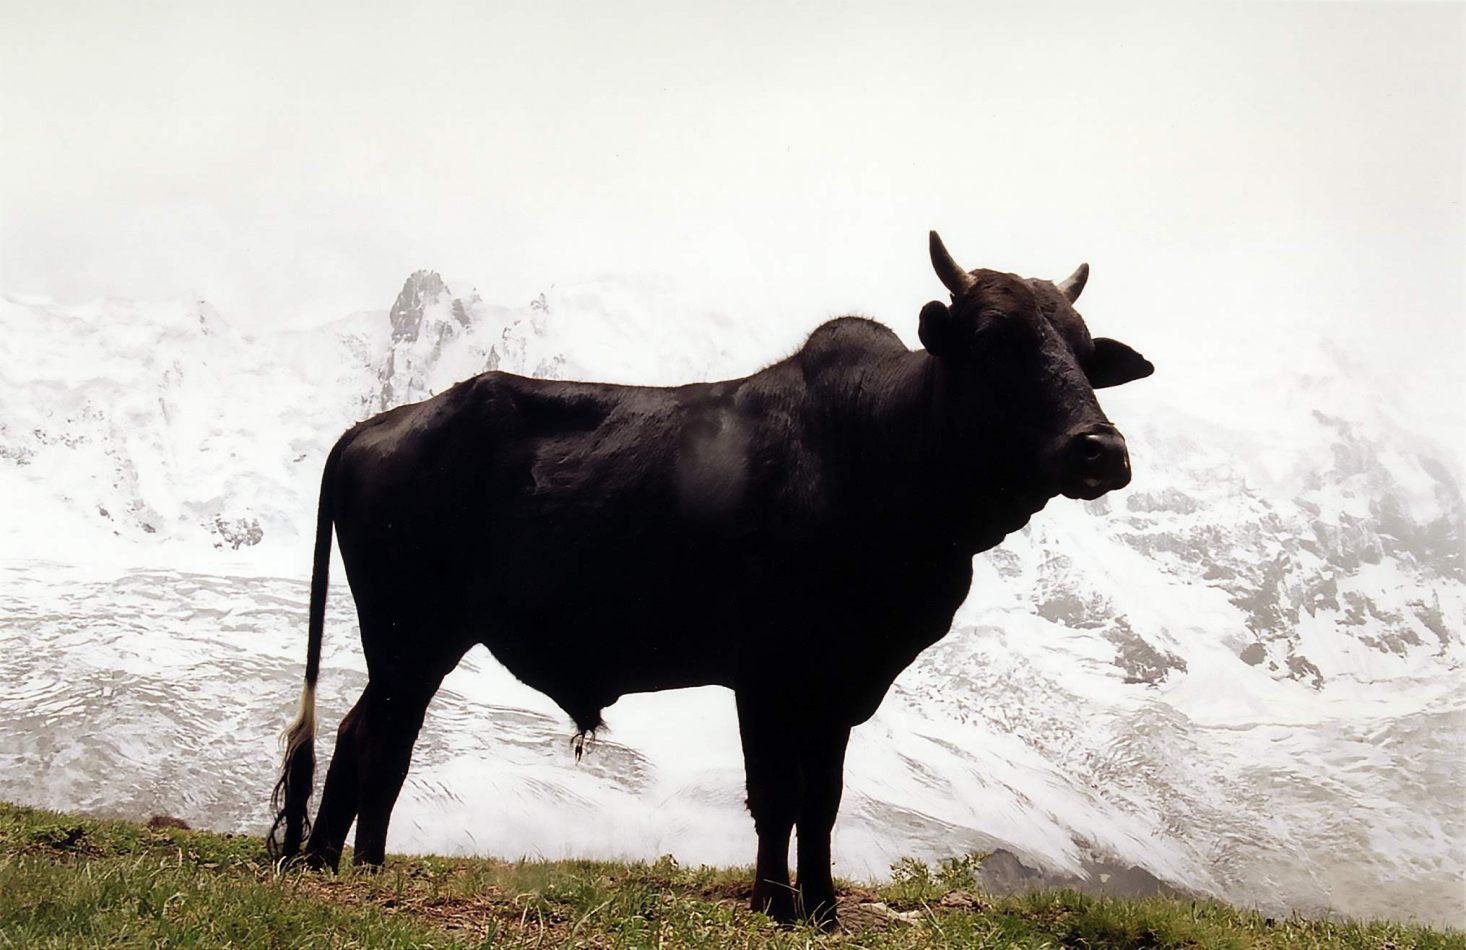 Anthony Ellis Photography: Zindabad - Black Bull